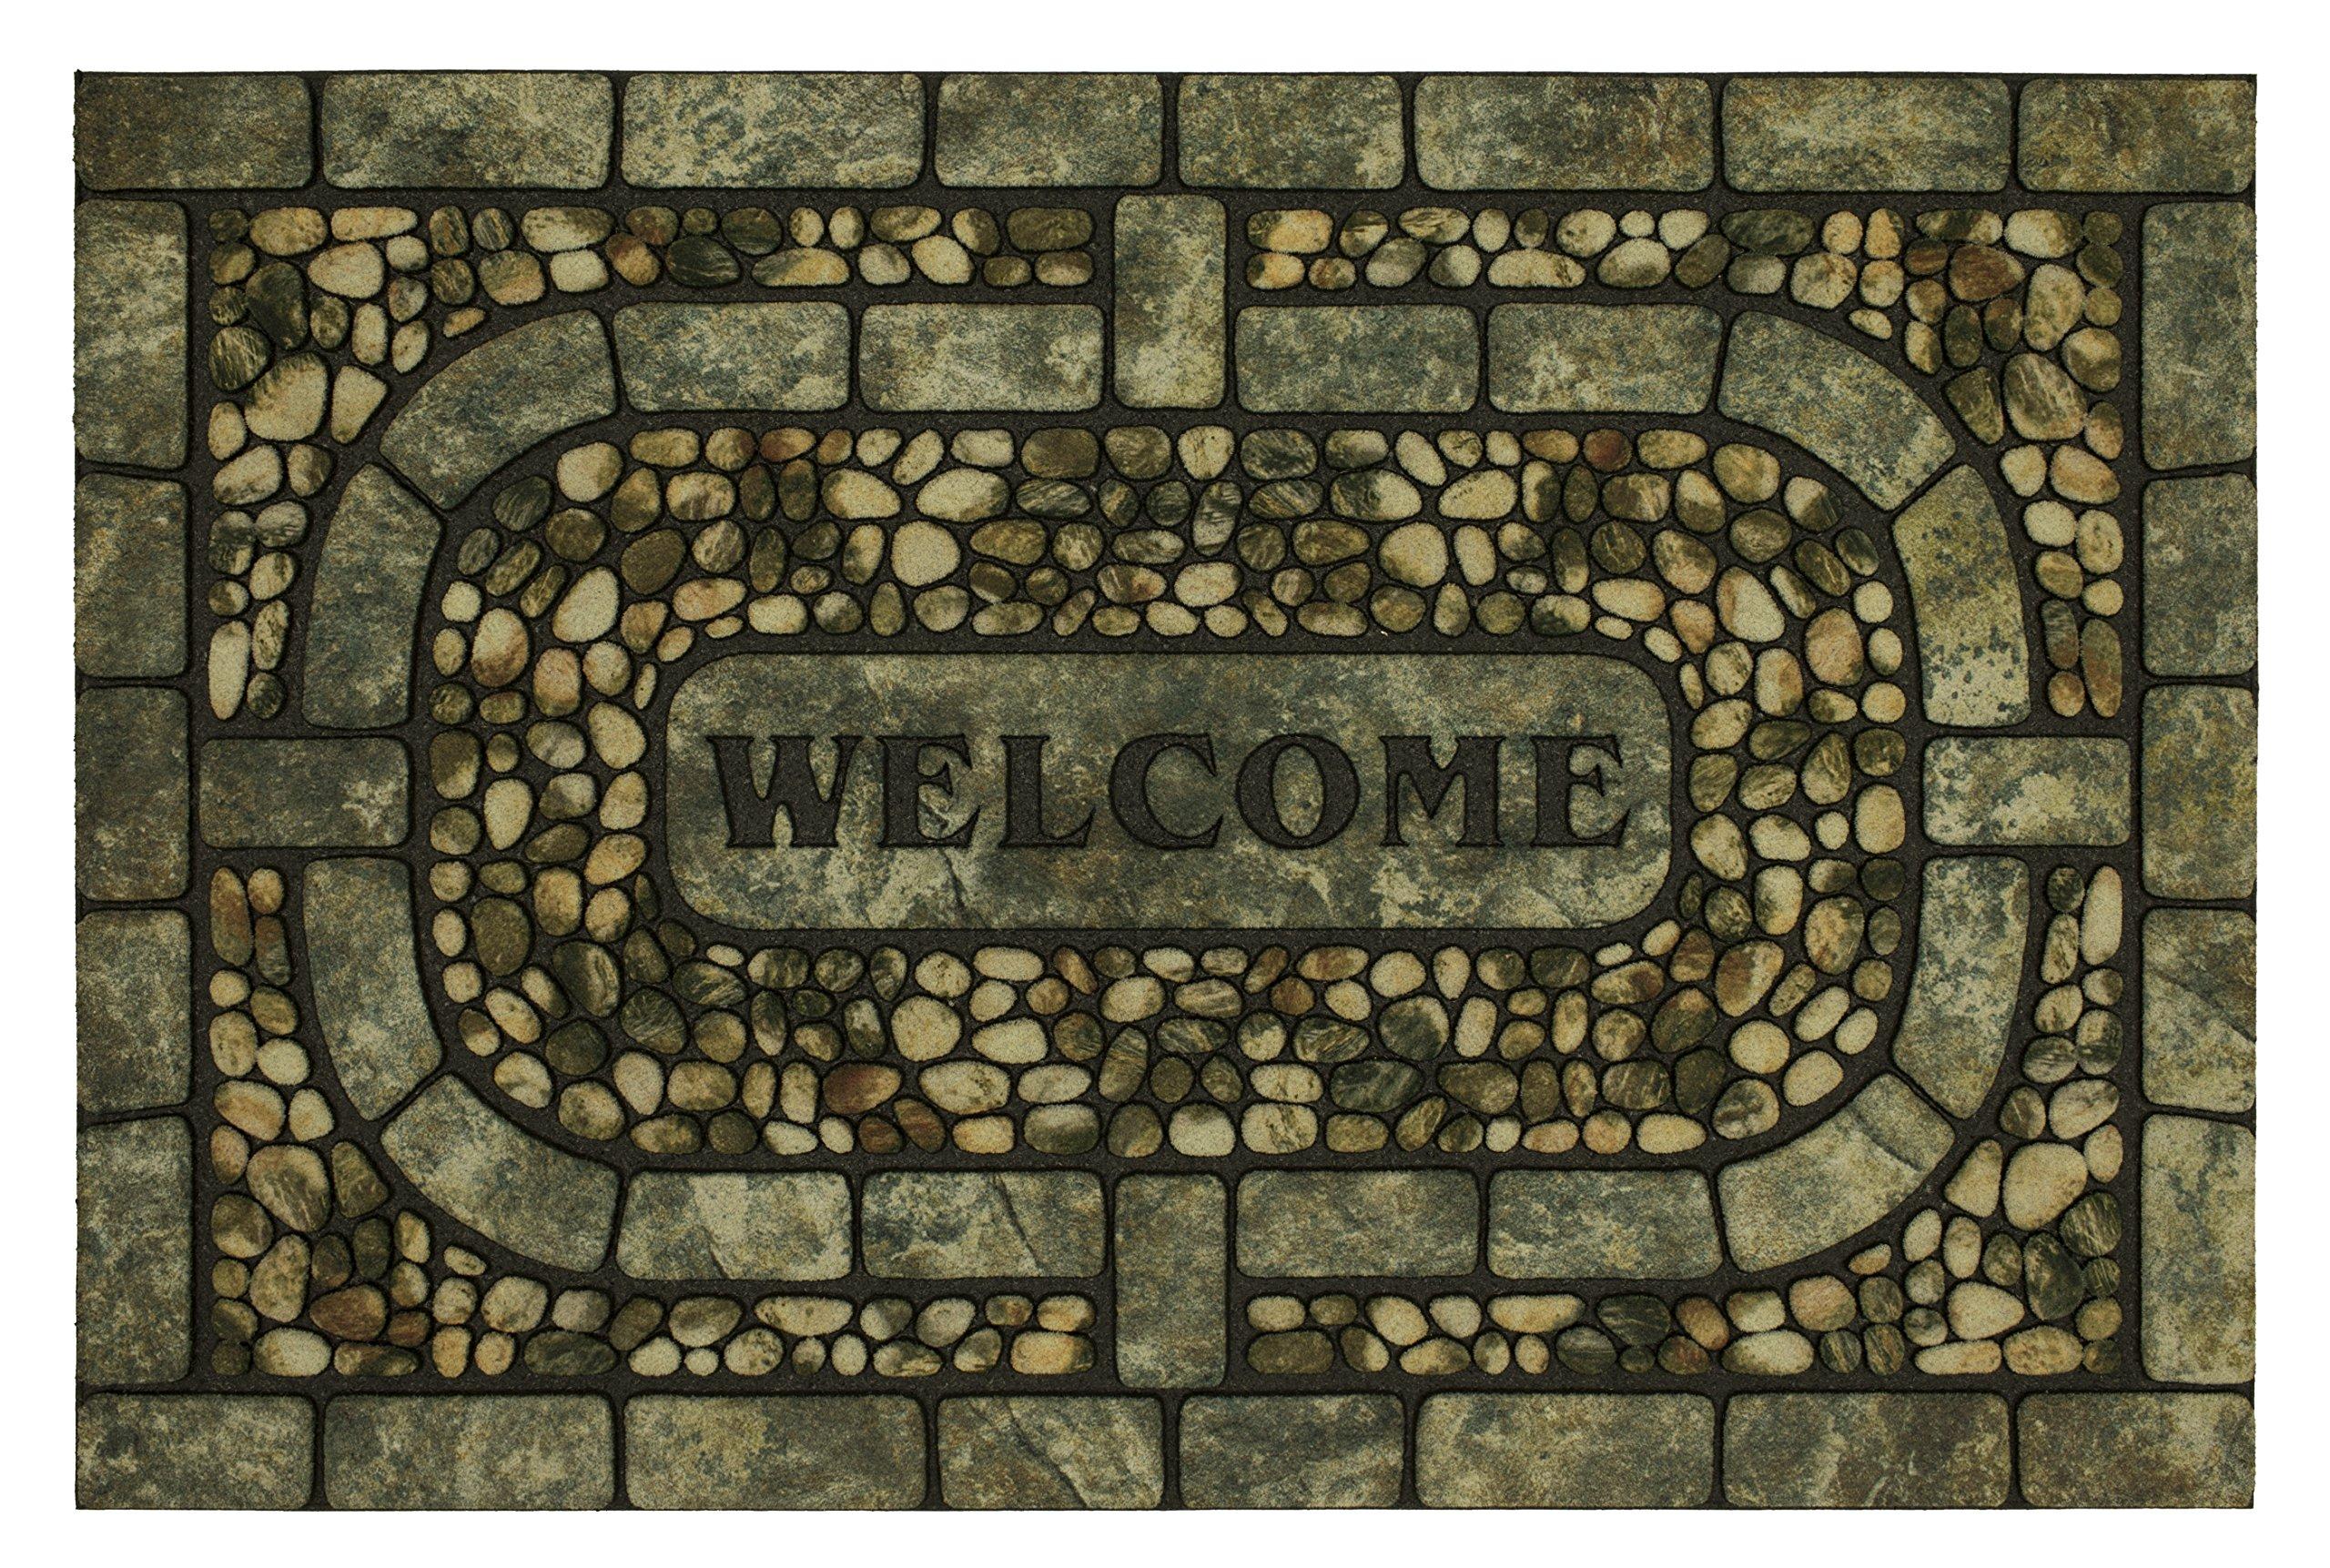 Mohawk Home Doorscapes All Weather Rubber Durable Non Slip Entry Way Indoor/Outdoor Welcome Door Mat, 23 x 35 Inch, Welcome Garden Pebbles Gray